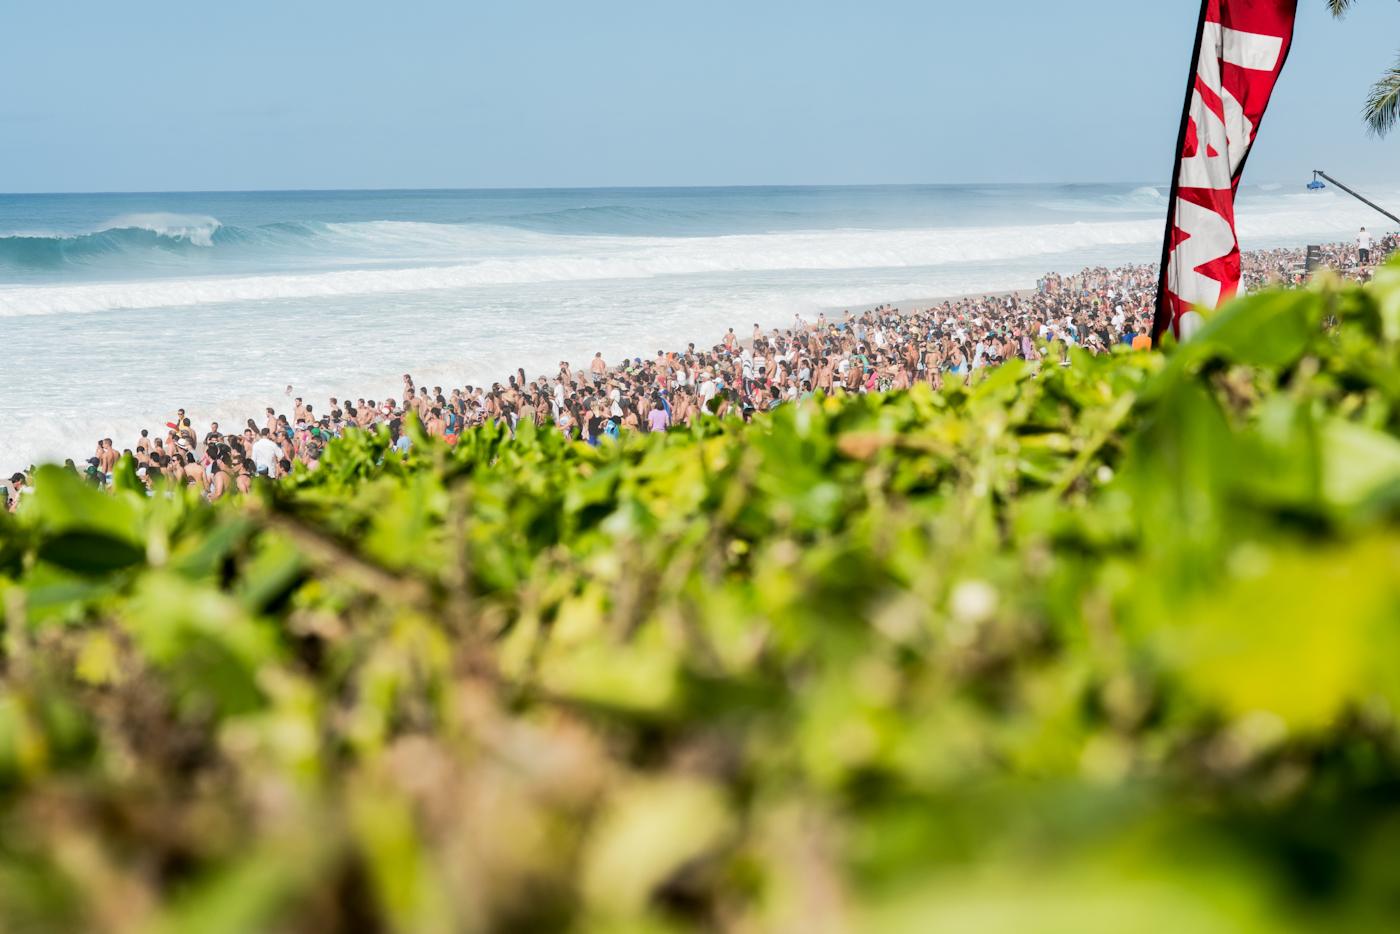 Die größte Crowd, die jemals bei den Pipe Masters gesehen wurde